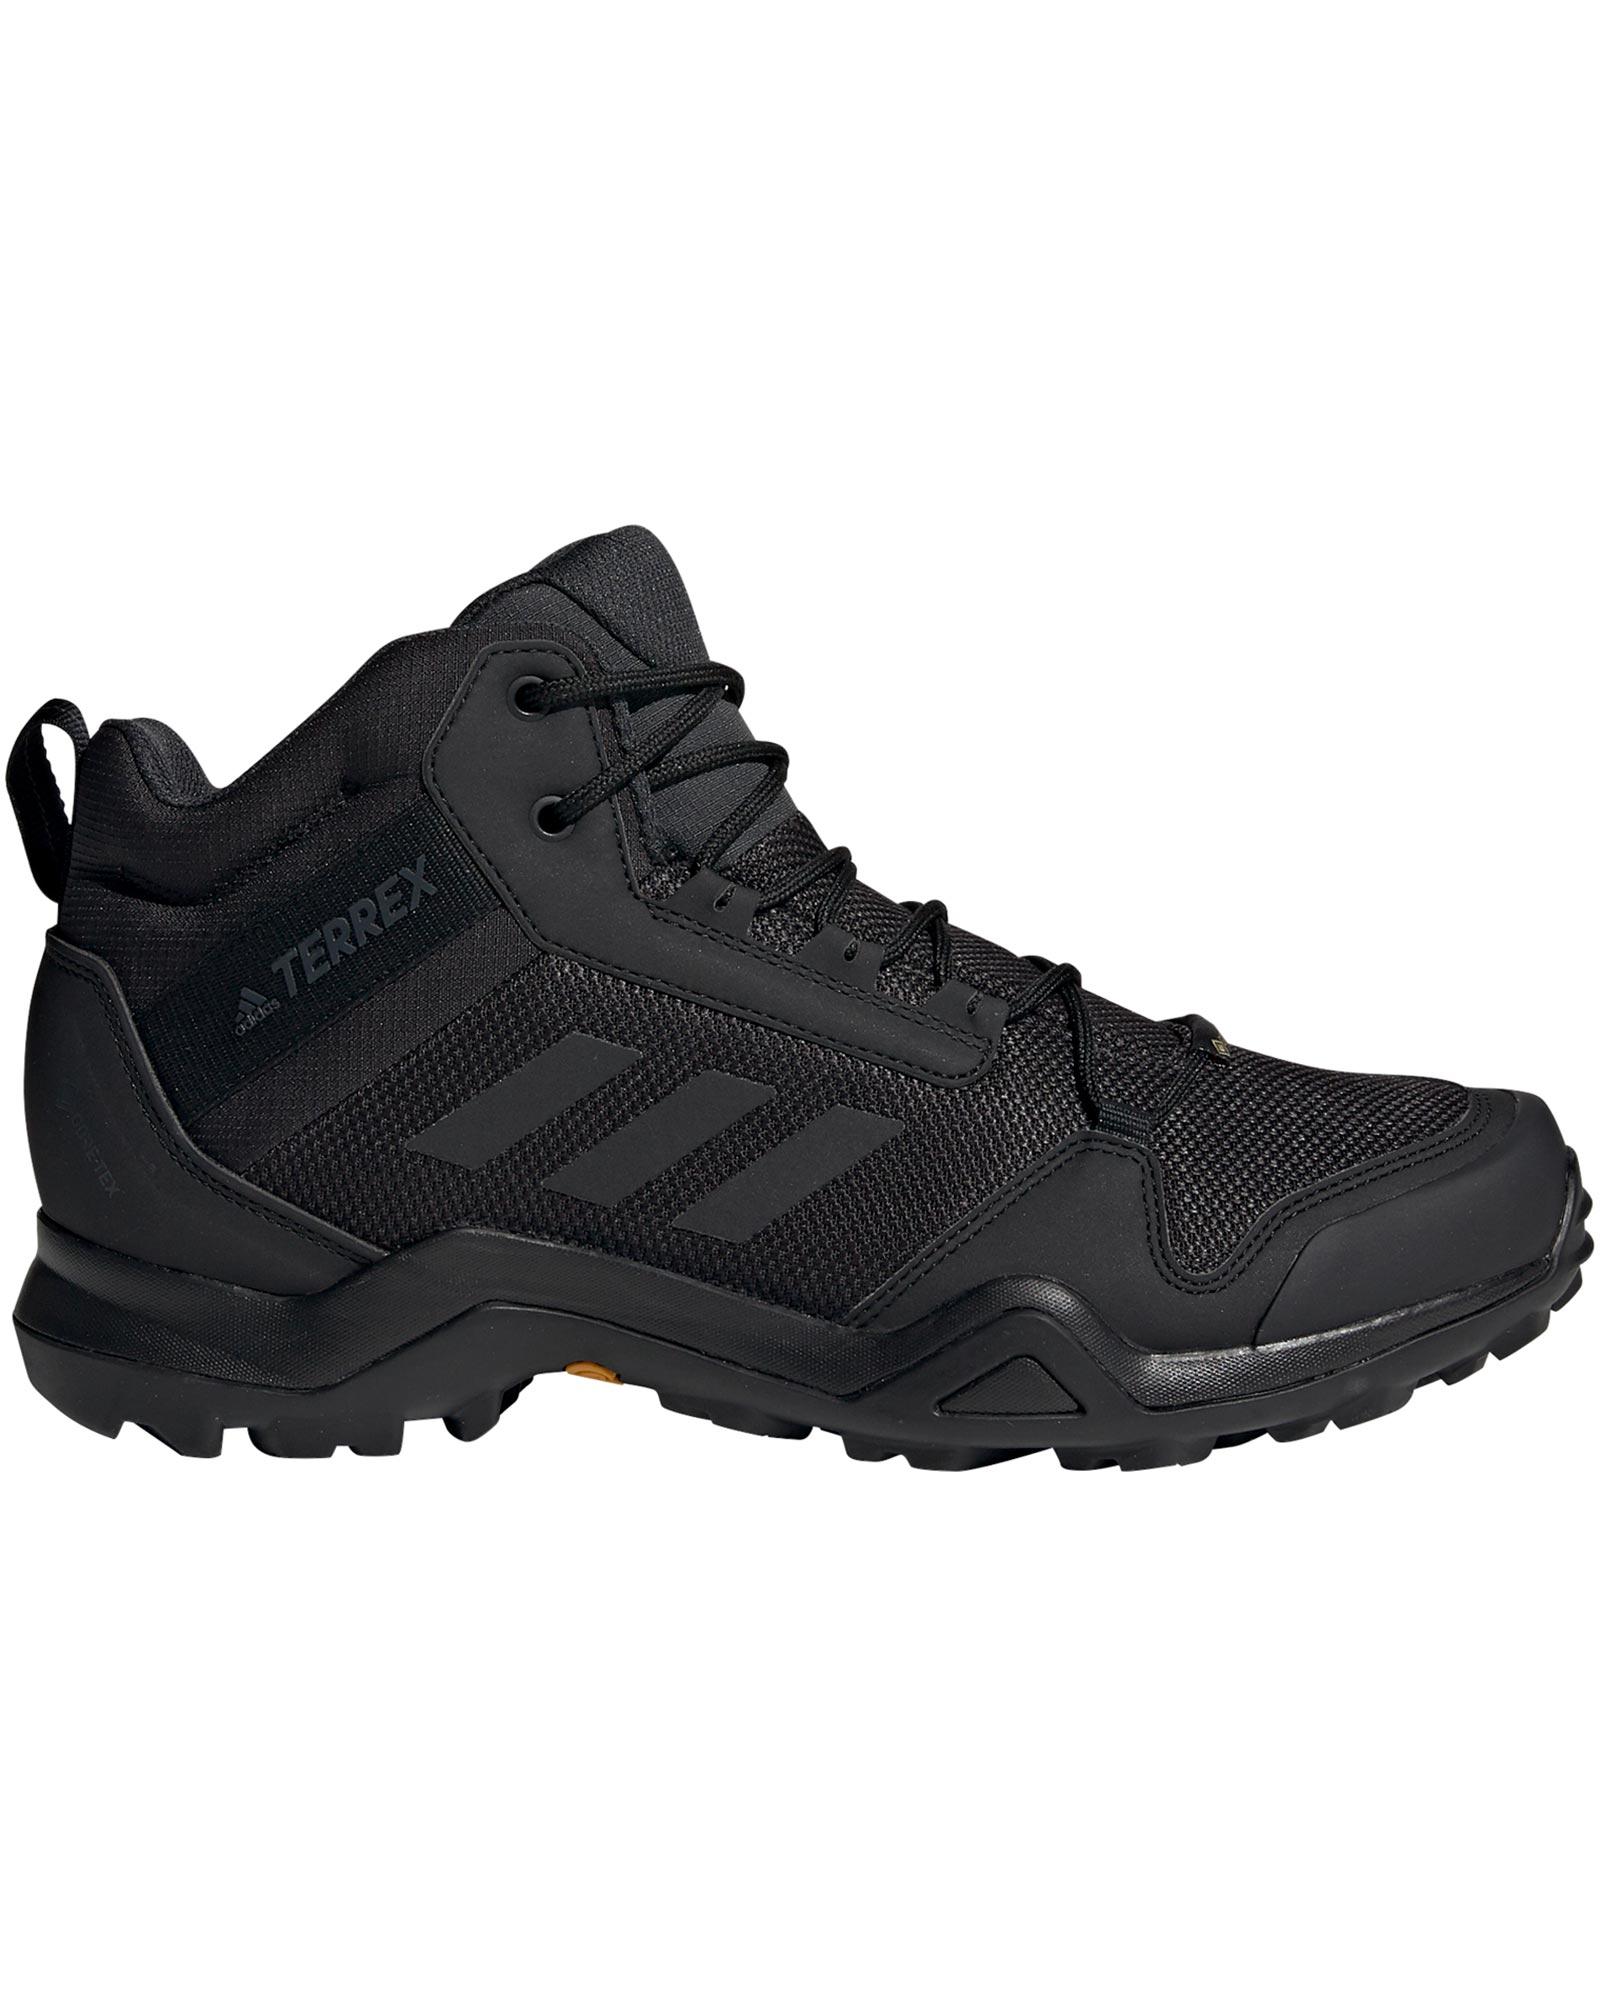 Adidas Terrex Terrex AX3 Mid GORE-TEX Men's Boots 5